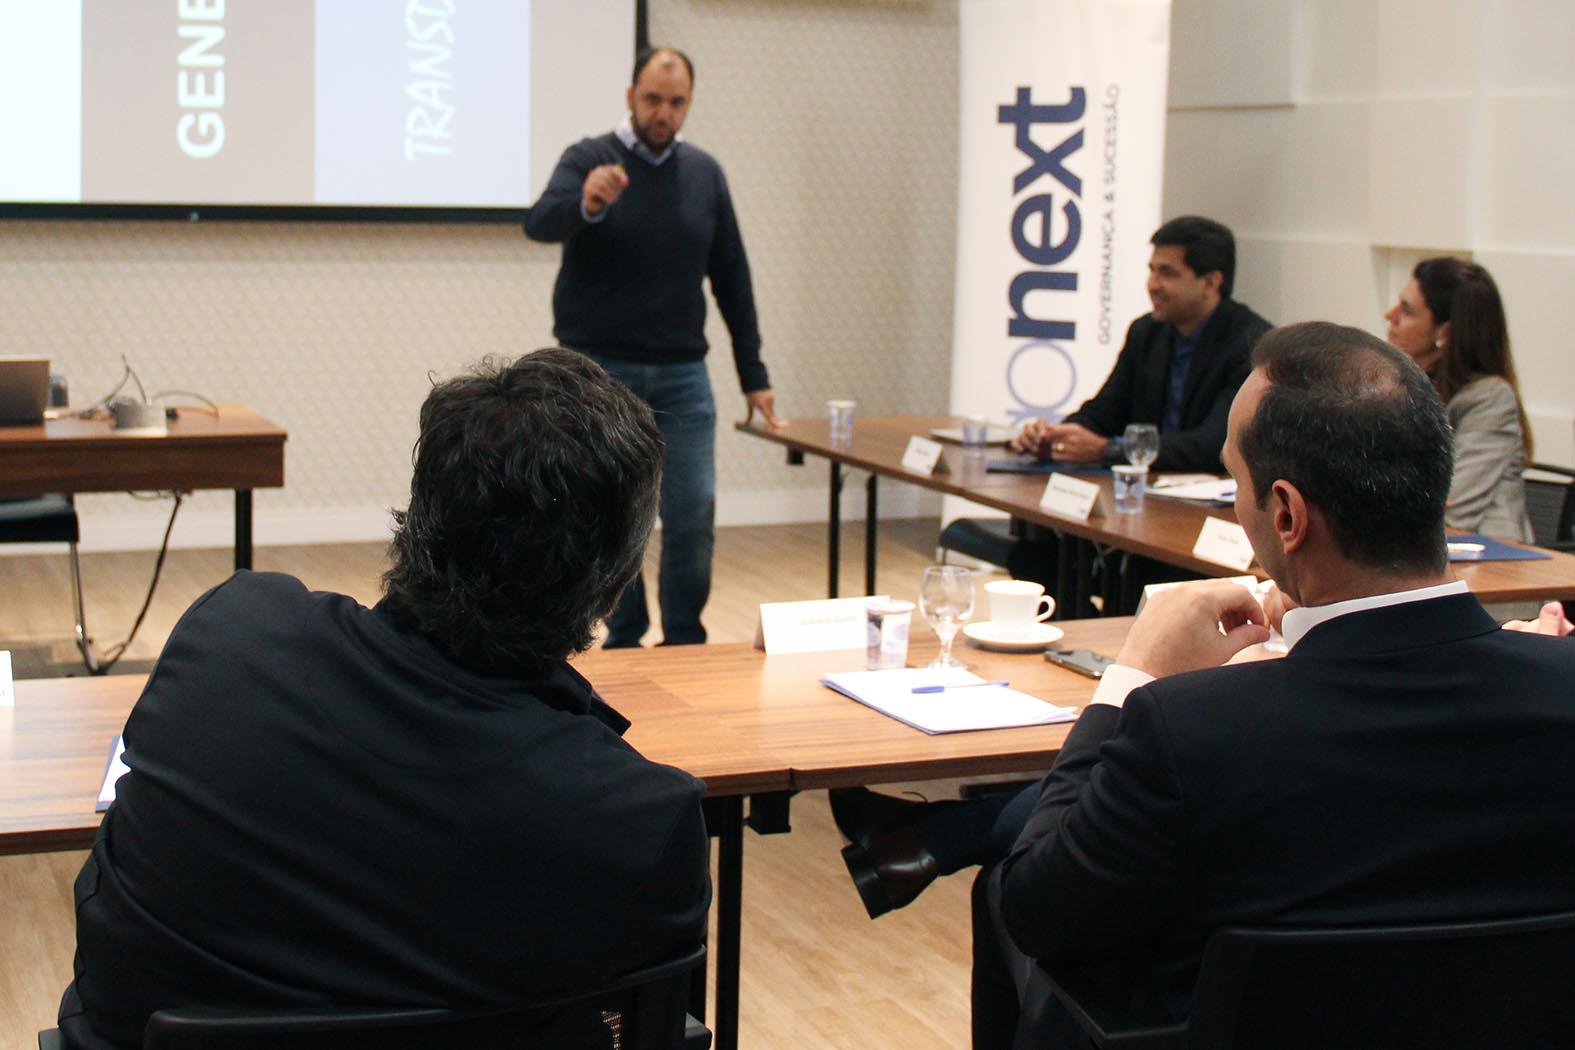 Gestão Estratégica de Pessoas na Era Digital foi tema do Fórum CEOs de junho